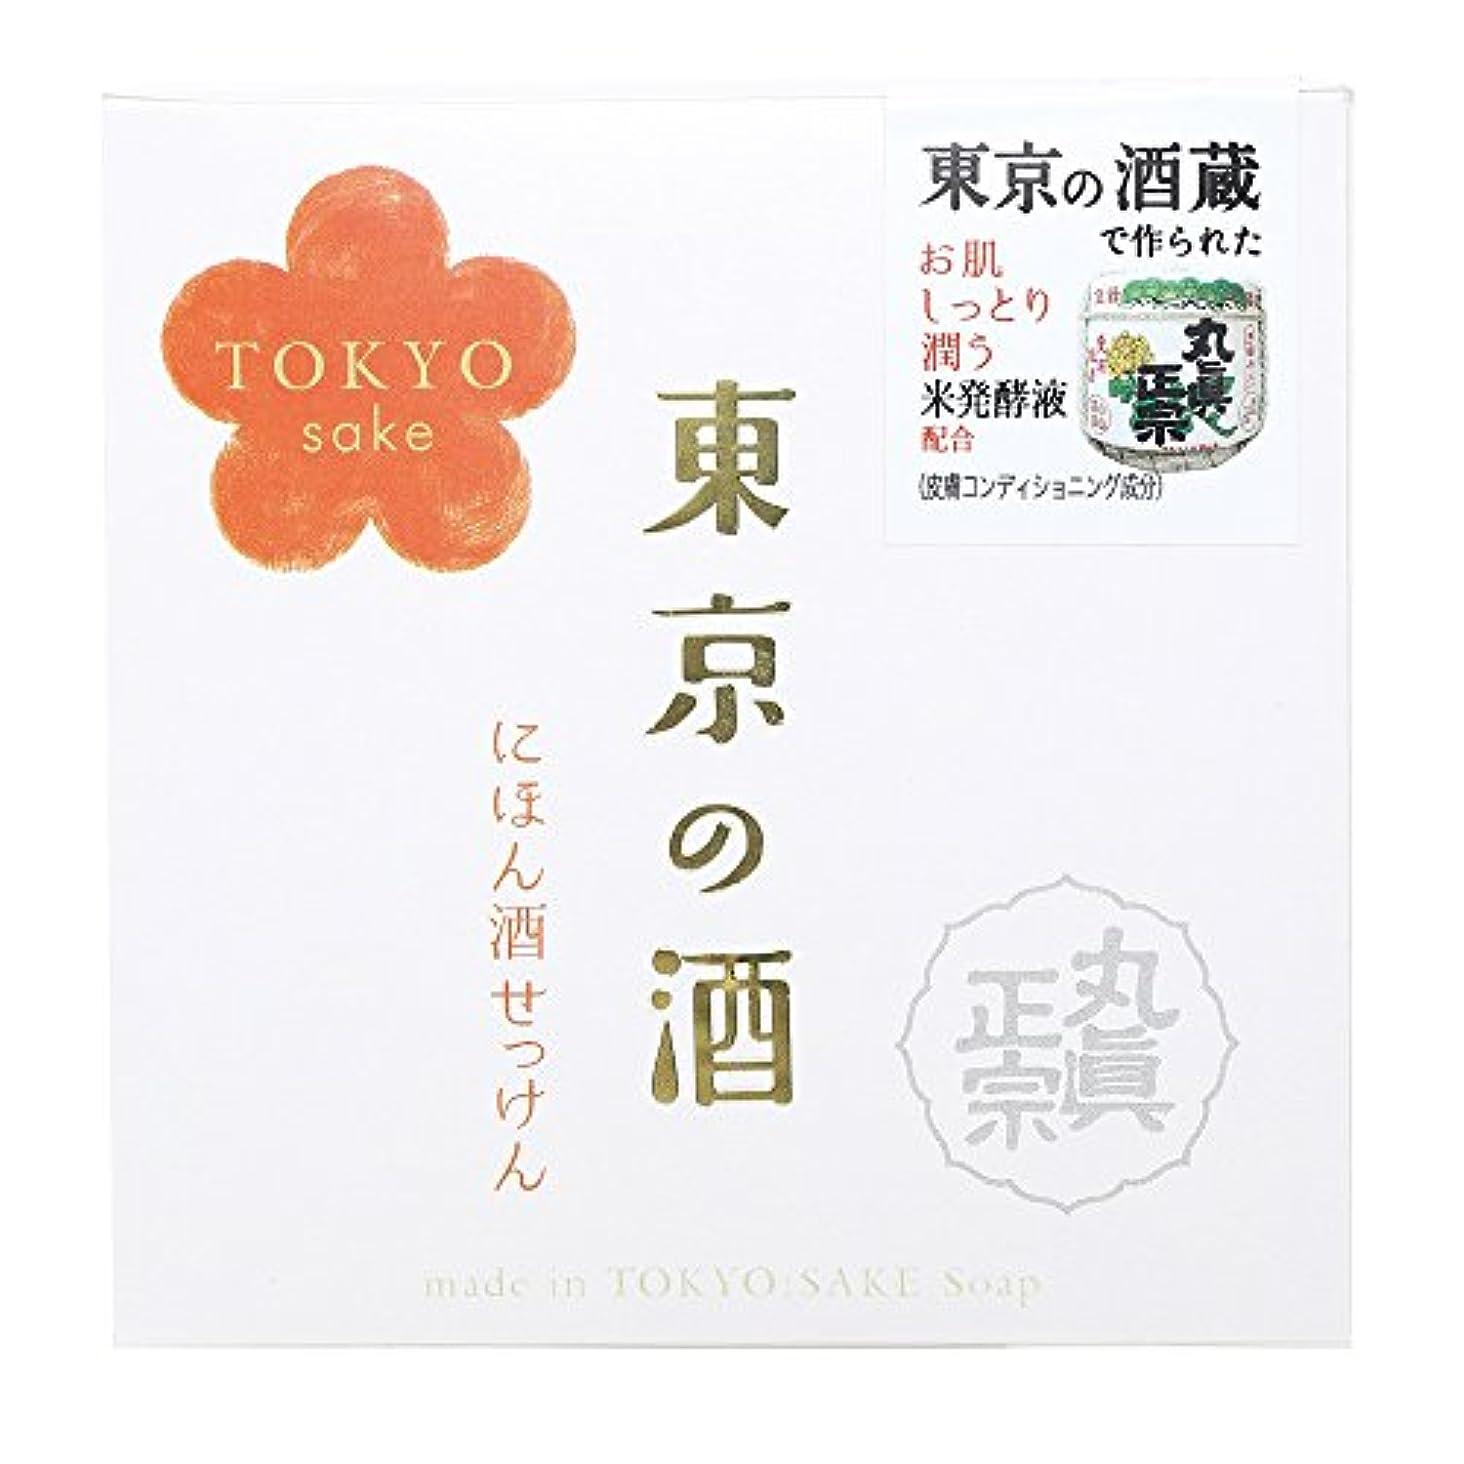 フレッシュ優れた良さノルコーポレーション 東京の酒 石けん OB-TKY-1-1 100g